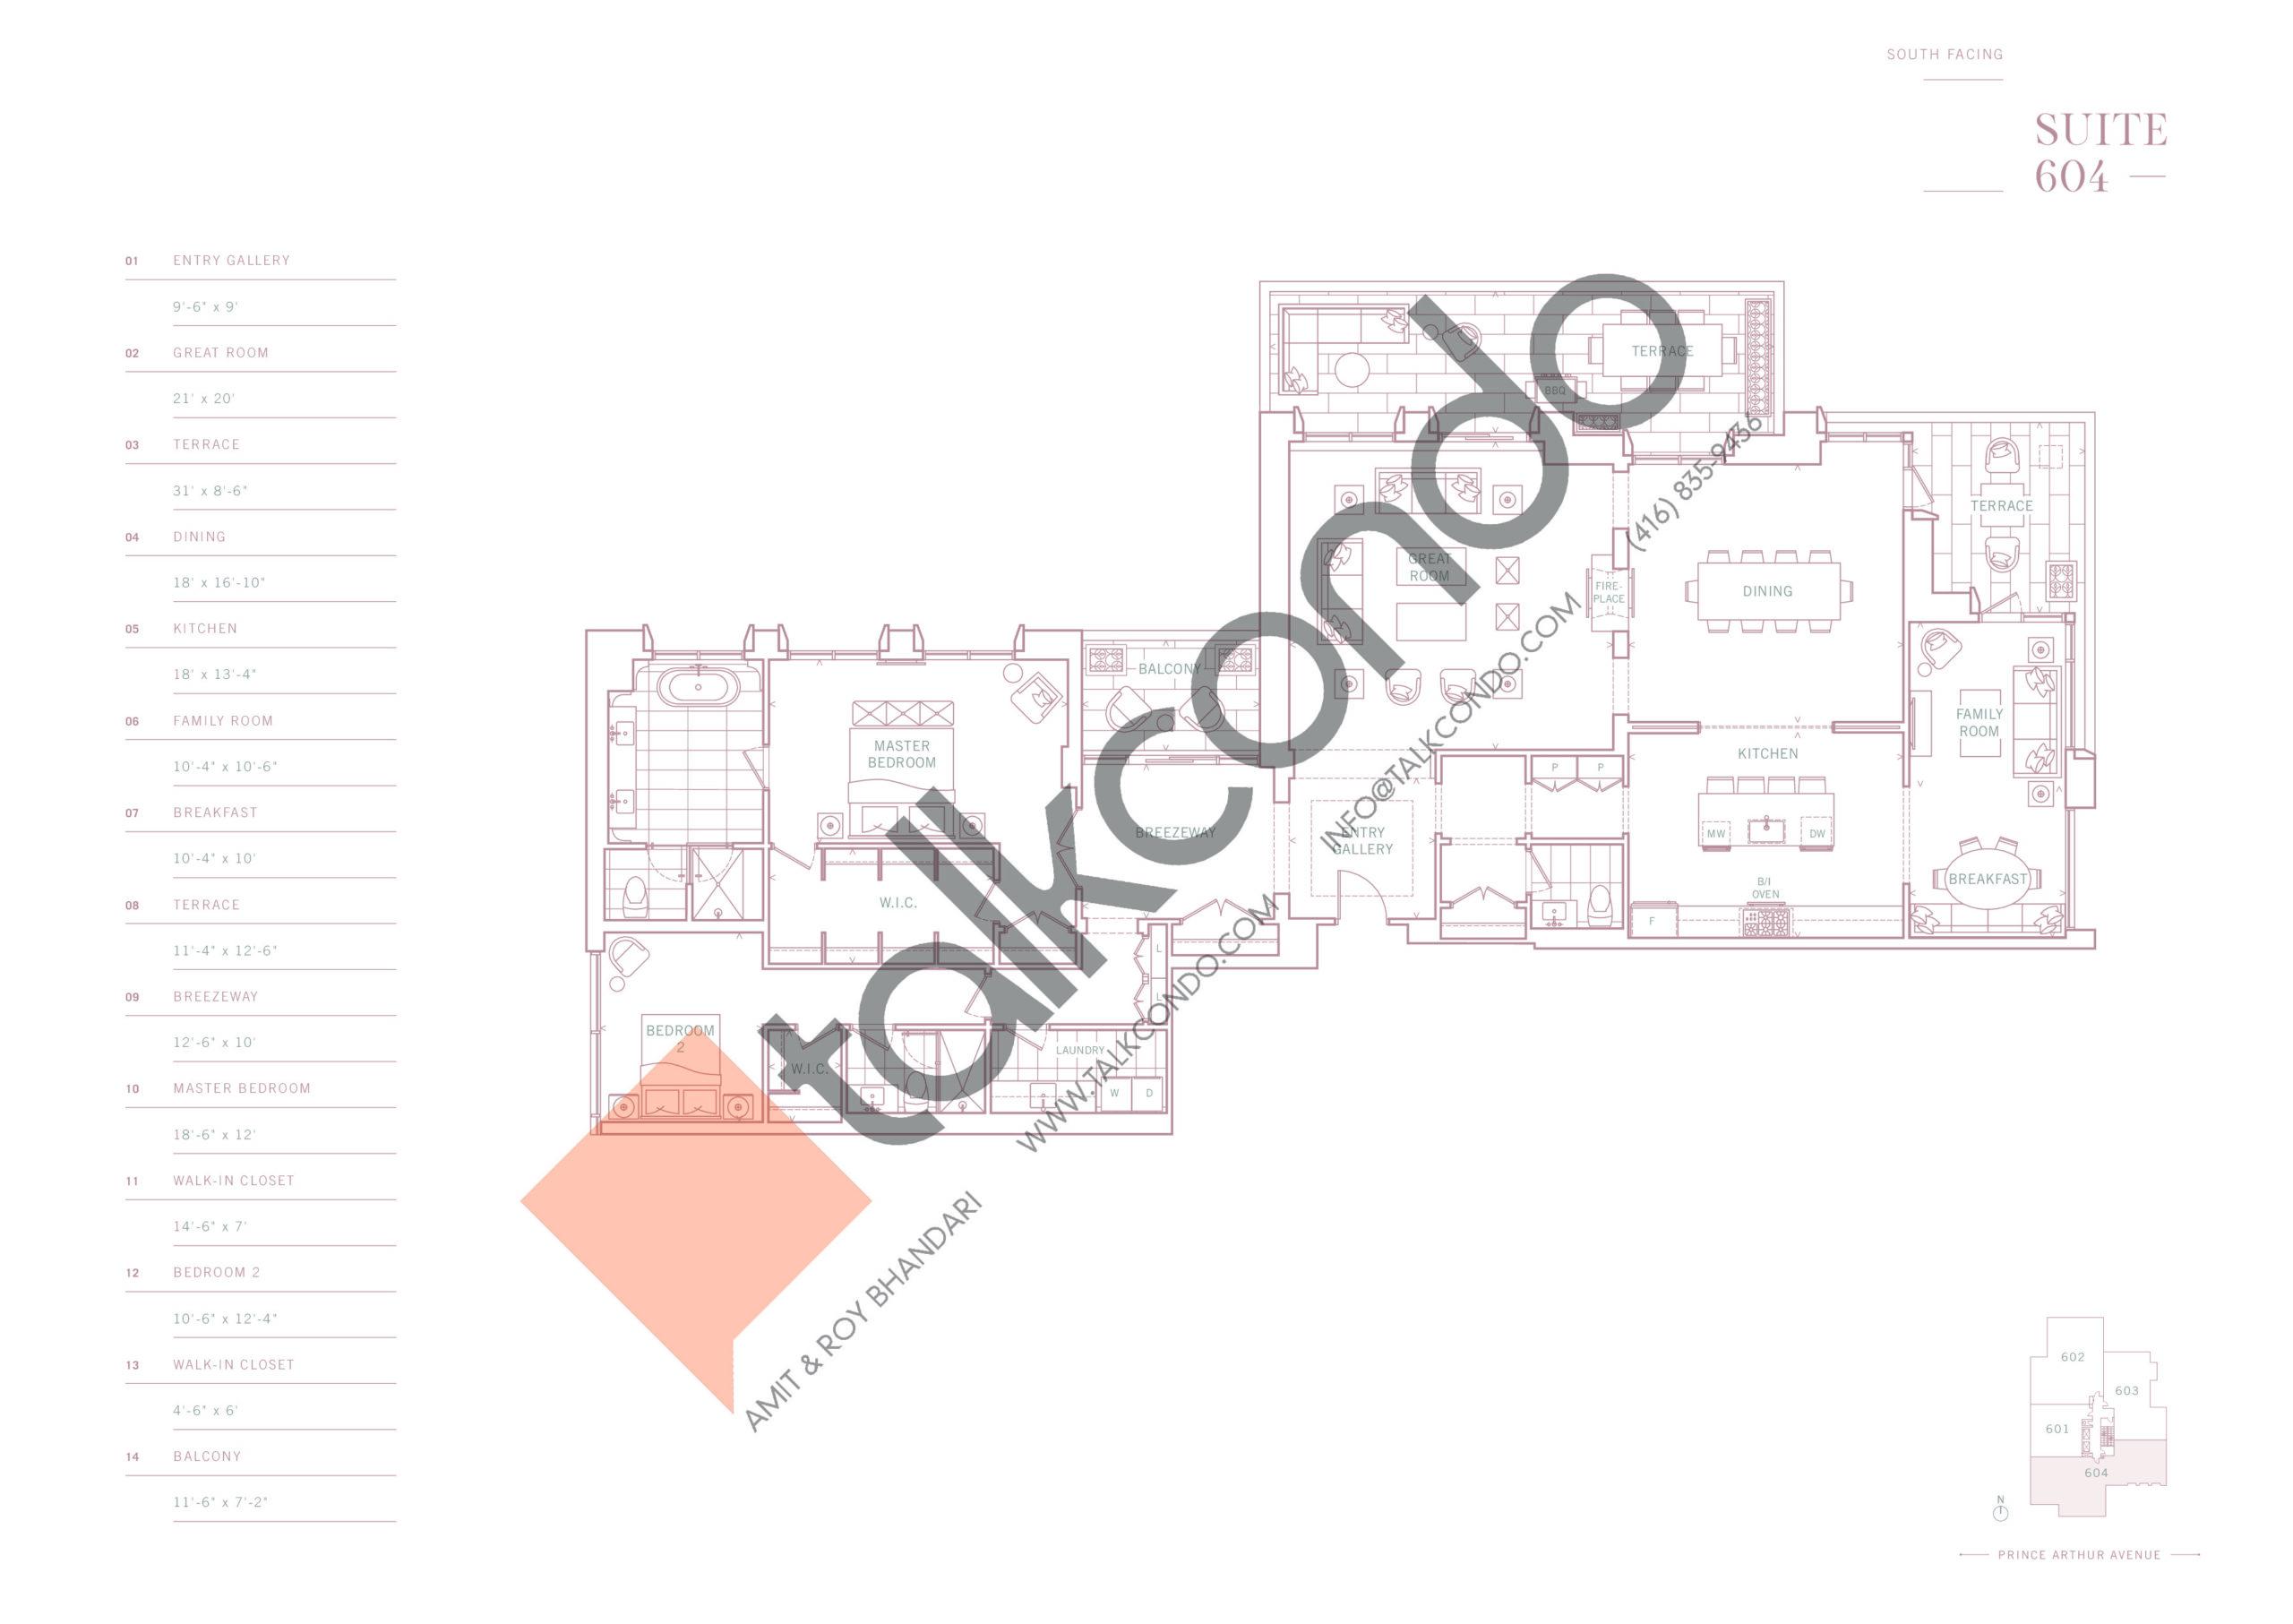 Suite 604 Floor Plan at 10 Prince Arthur Condos - 2928 sq.ft